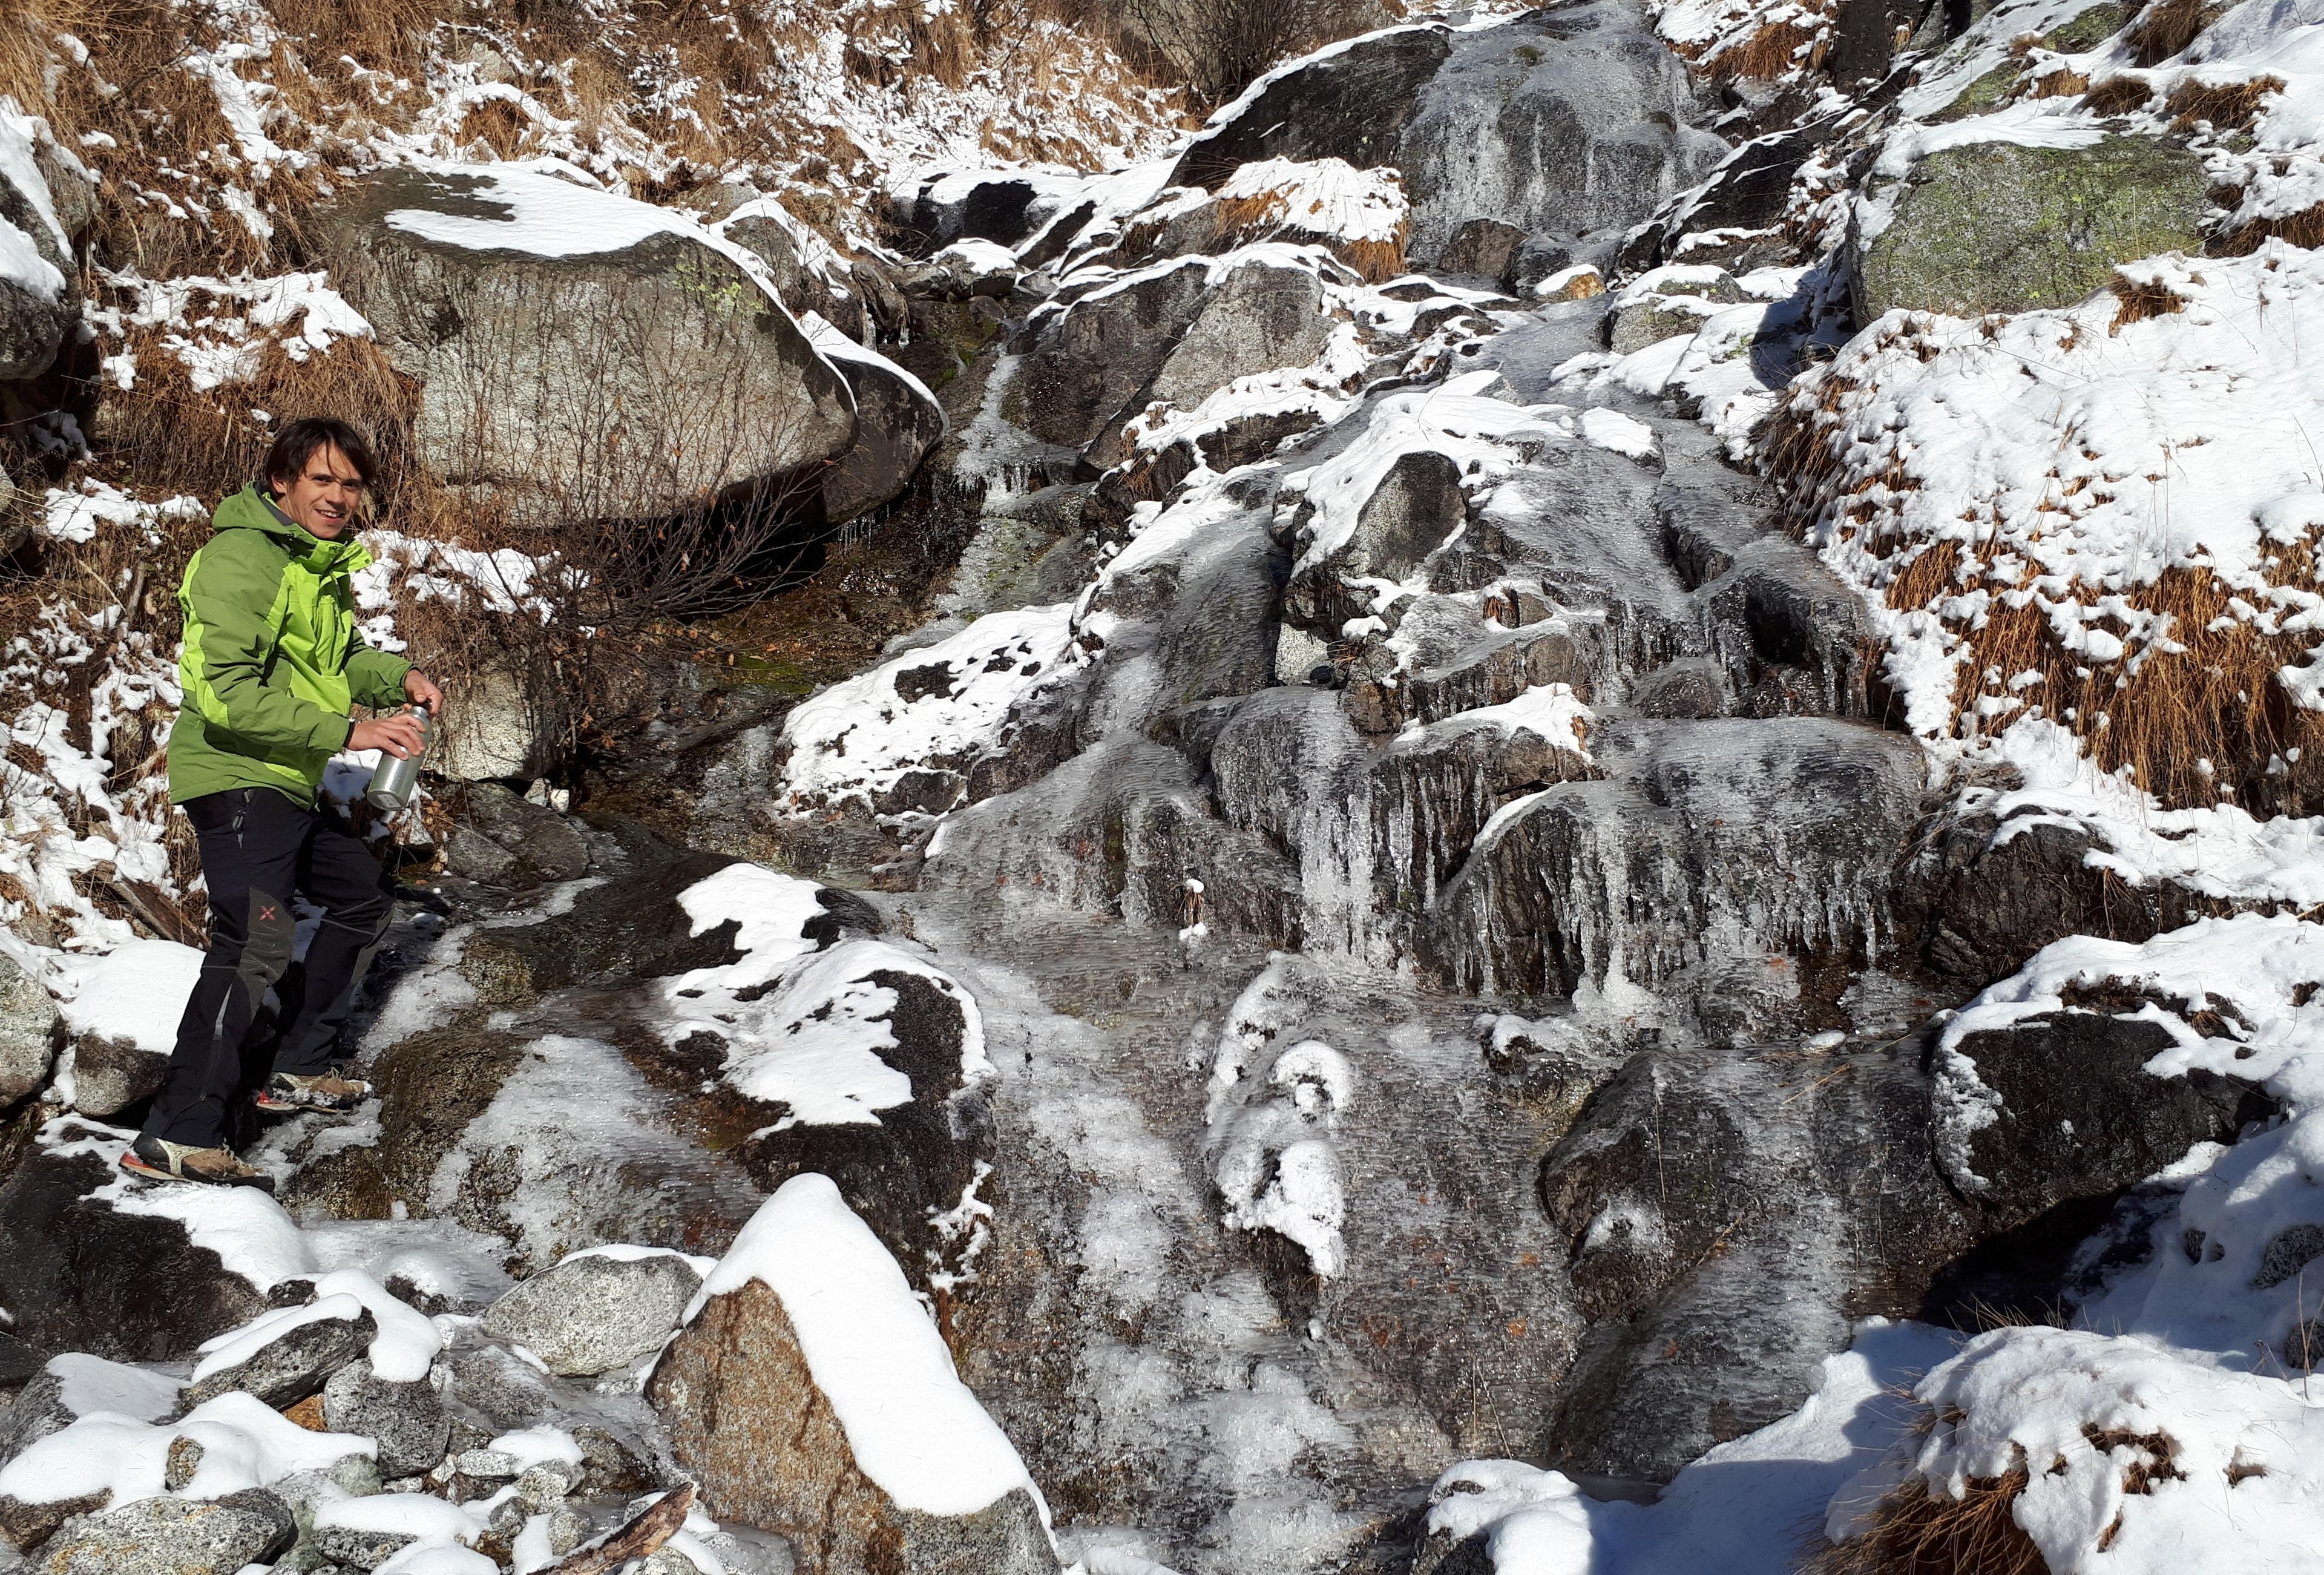 Questo attraversamento su ghiaccio non sarà banale. Una volta superato cerco di fare un po' di acqua rompendo il ghiaccio qua e là